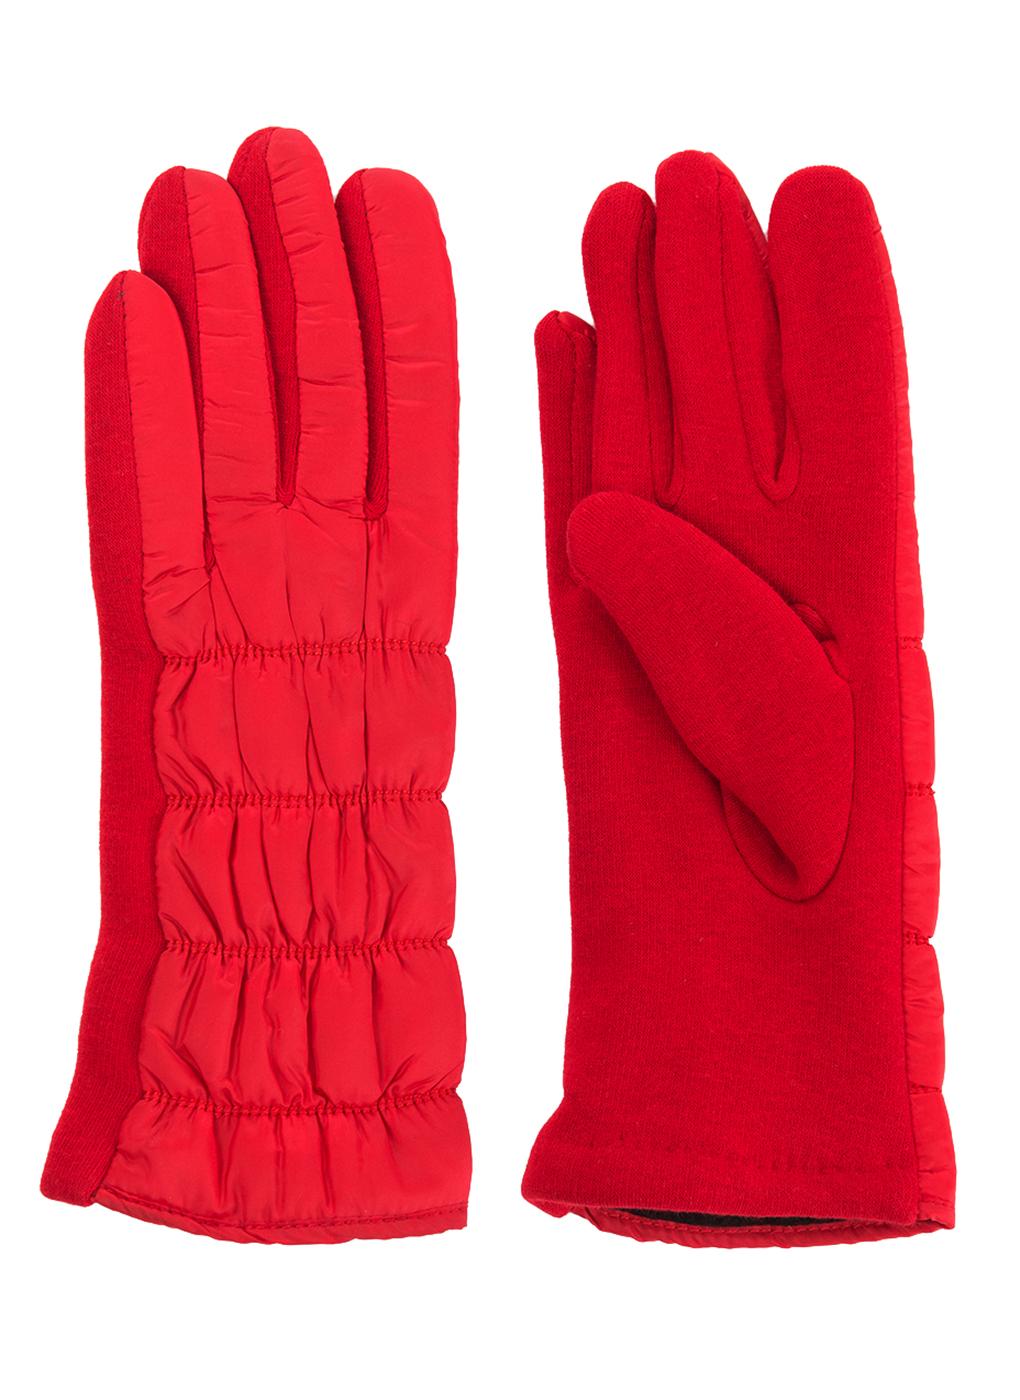 Перчатки женские из трикотажа 02, Hannelore фото